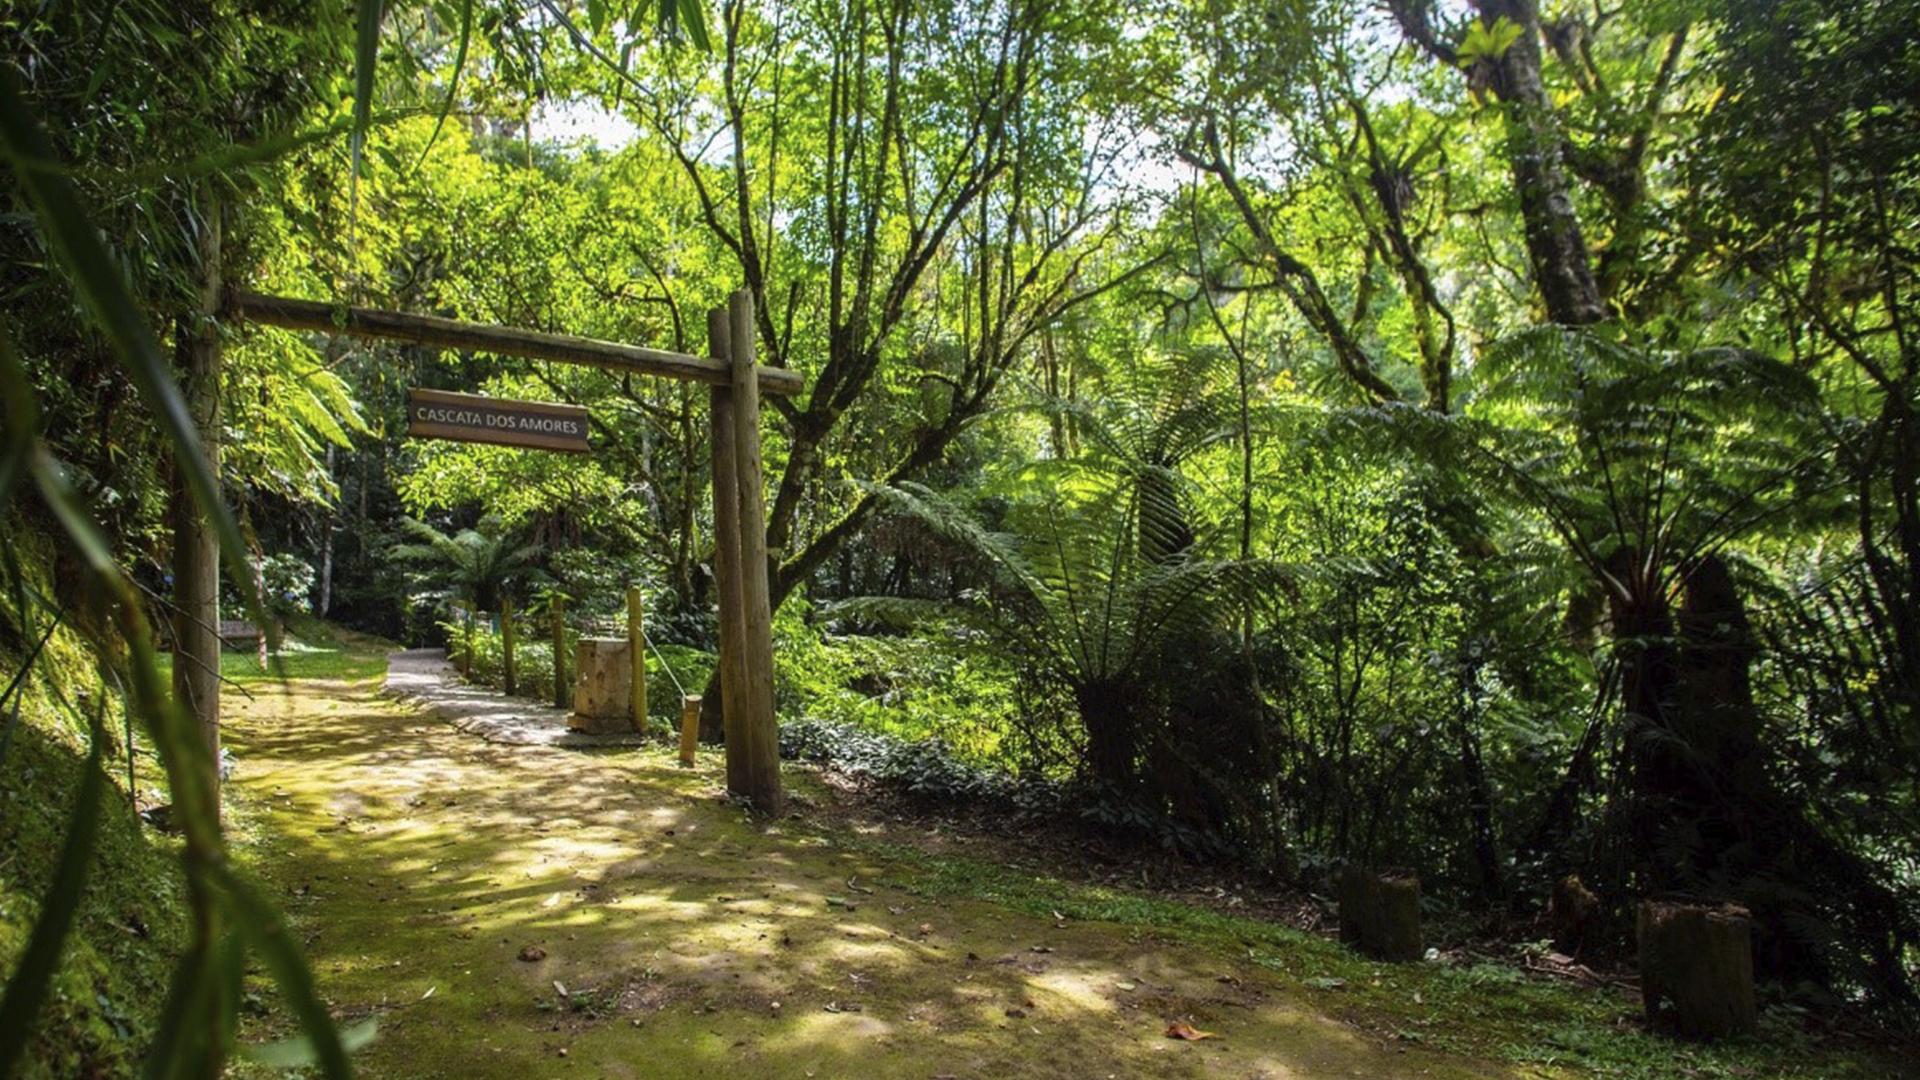 A trilha da Cascata dos Amores tem outra atração, que é a ponte dos cadeados, onde casais apaixonados deixam uma recordação.